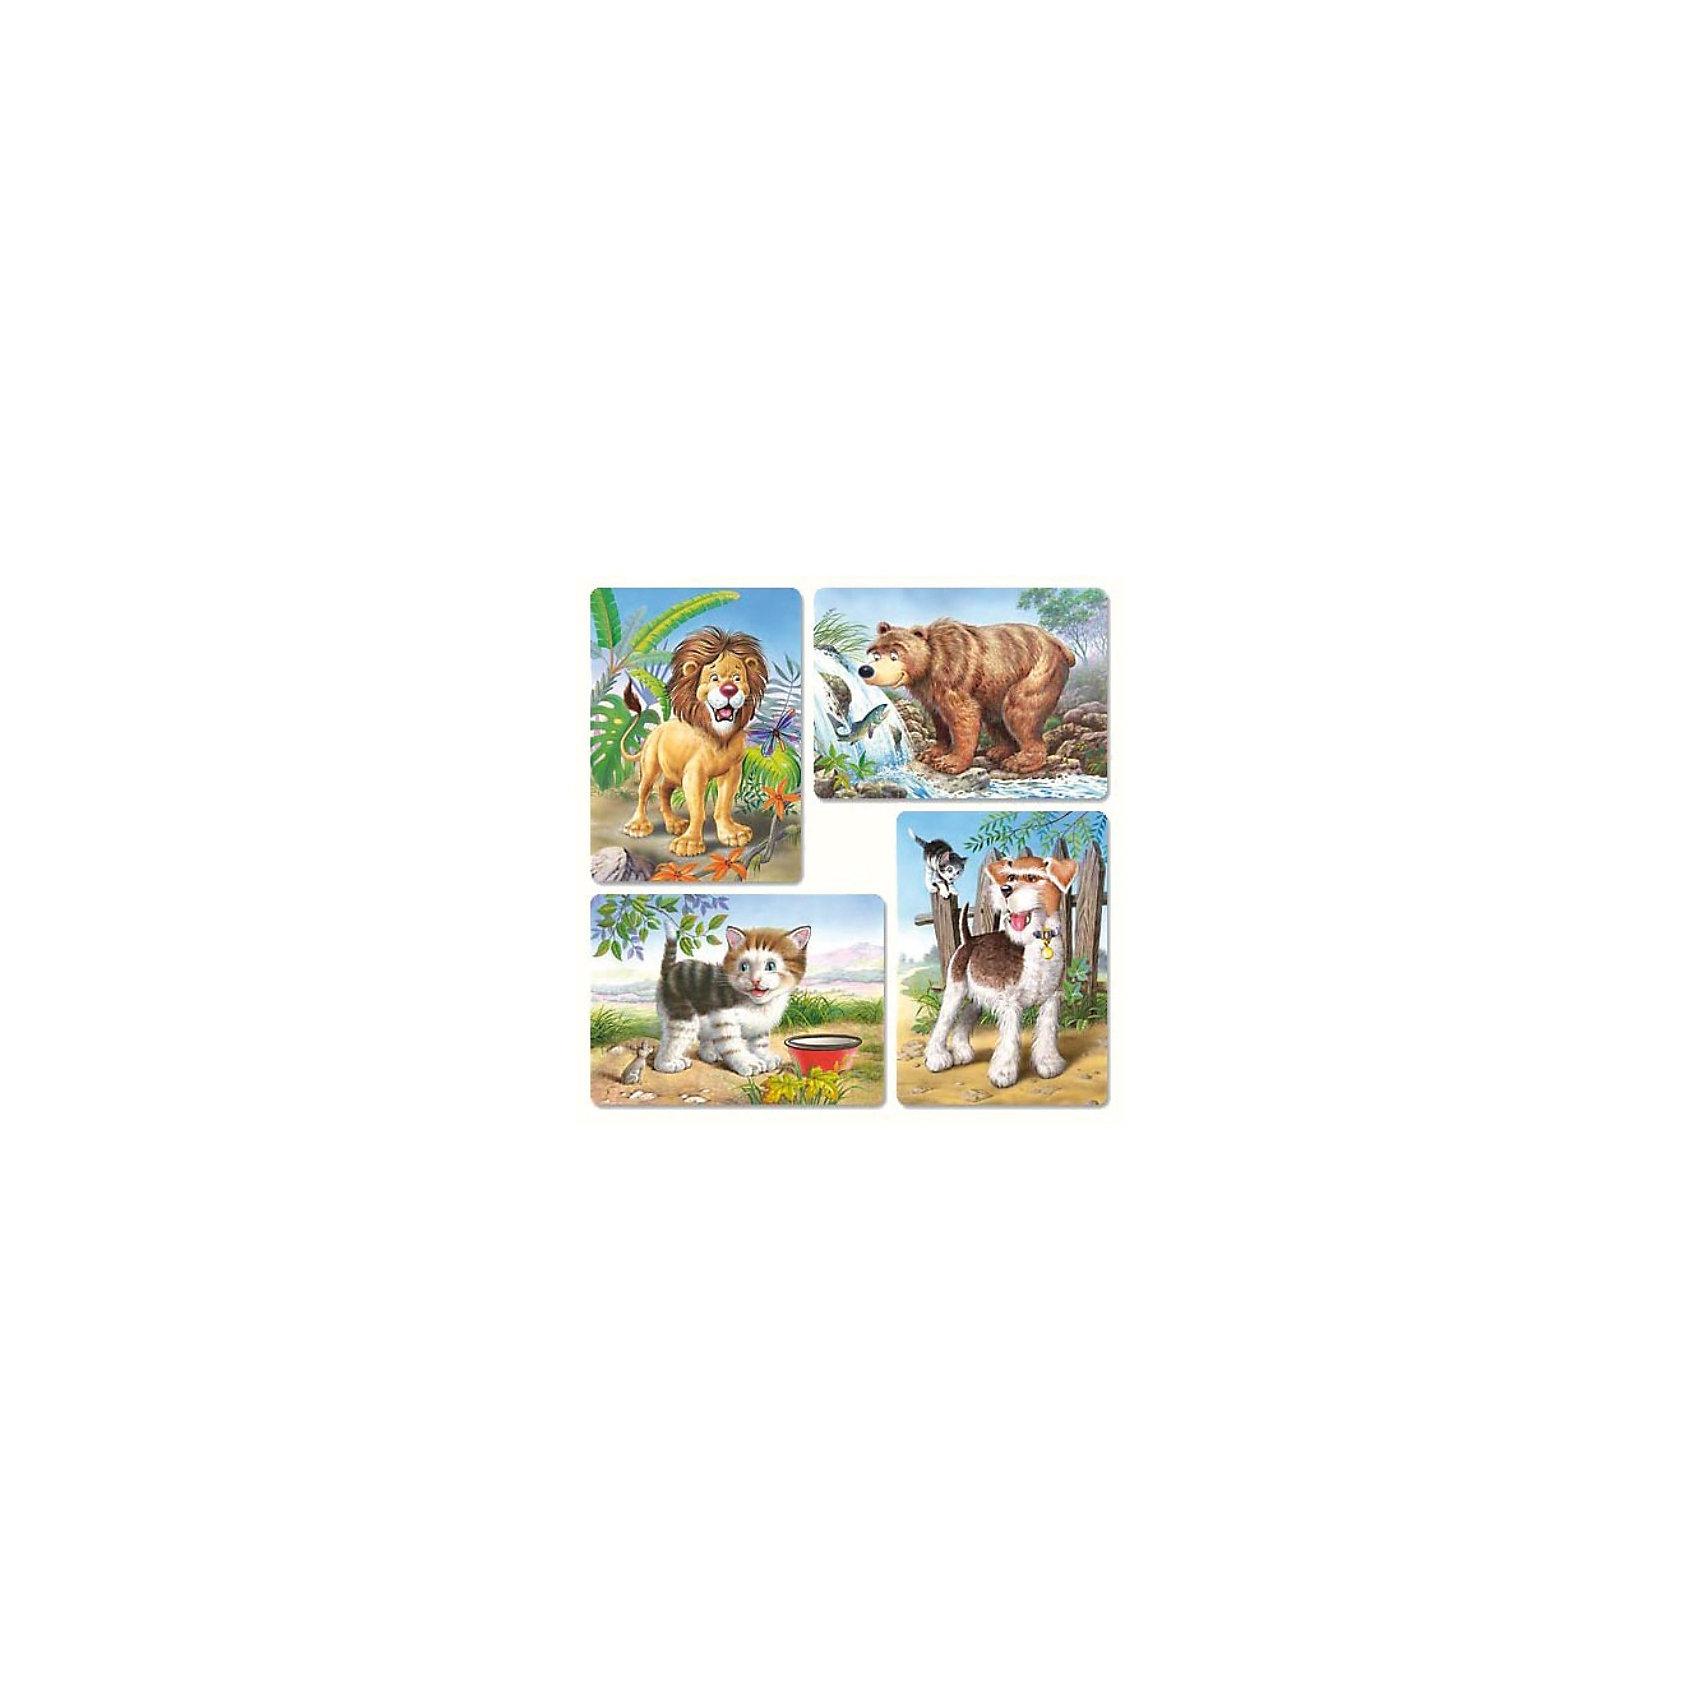 Набор пазлов Звери, 8*12*15*20 деталей, CastorlandПазлы для малышей<br>Пазлы с изображениями медведя, льва, собаки и котика.<br><br>В комплекте 4 пазла, которые состоят из разного количества деталей:<br><br>- 8 деталей;<br>- 12 деталей;<br>- 15 деталей;<br>- 20 деталей.<br><br>Дополнительная информация:<br><br>Размер собранного пазла: 32 x 23 см.<br>Размер упаковки (д/ш/в): 27,5 x 22 x 47 см.<br>Материал: картон.<br><br>Ширина мм: 273<br>Глубина мм: 186<br>Высота мм: 40<br>Вес г: 400<br>Возраст от месяцев: 12<br>Возраст до месяцев: 60<br>Пол: Унисекс<br>Возраст: Детский<br>Количество деталей: 8<br>SKU: 2328216